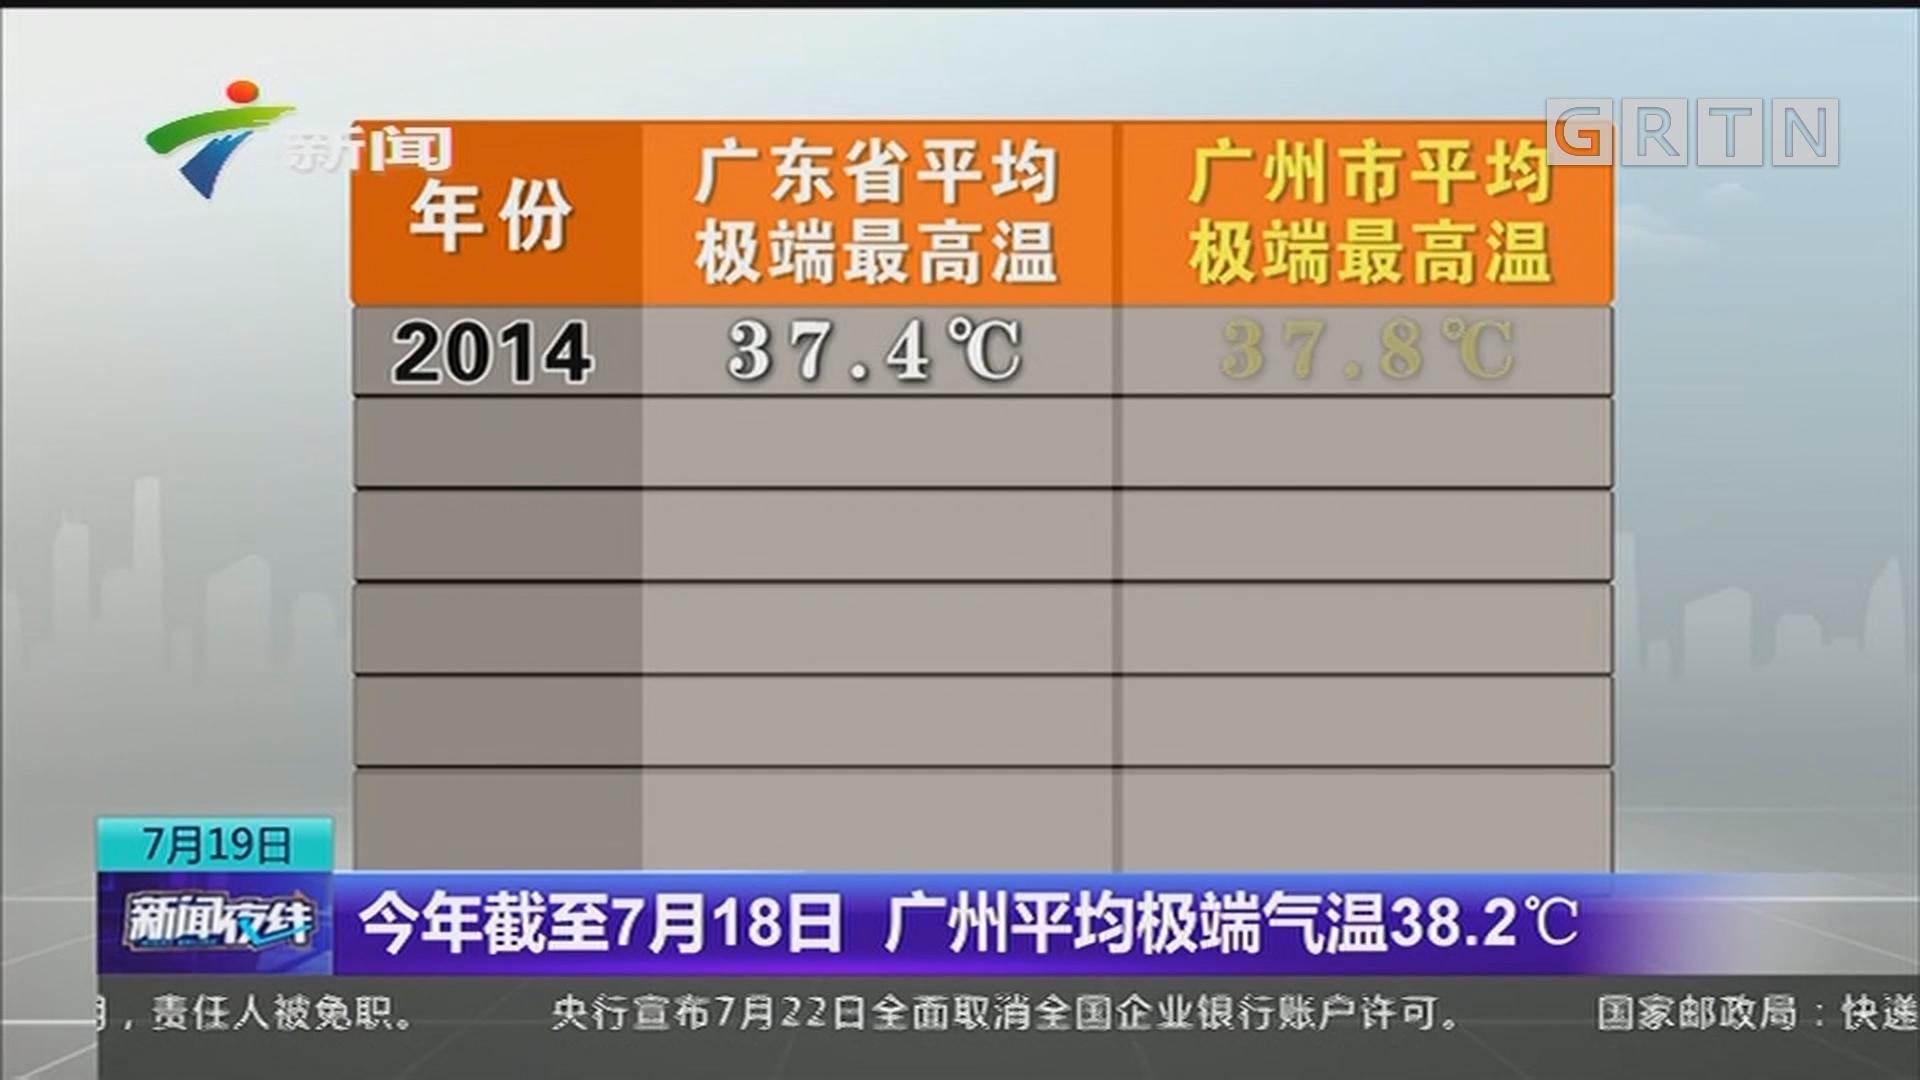 今年截至7月18日 广州平均极端气温38.2℃